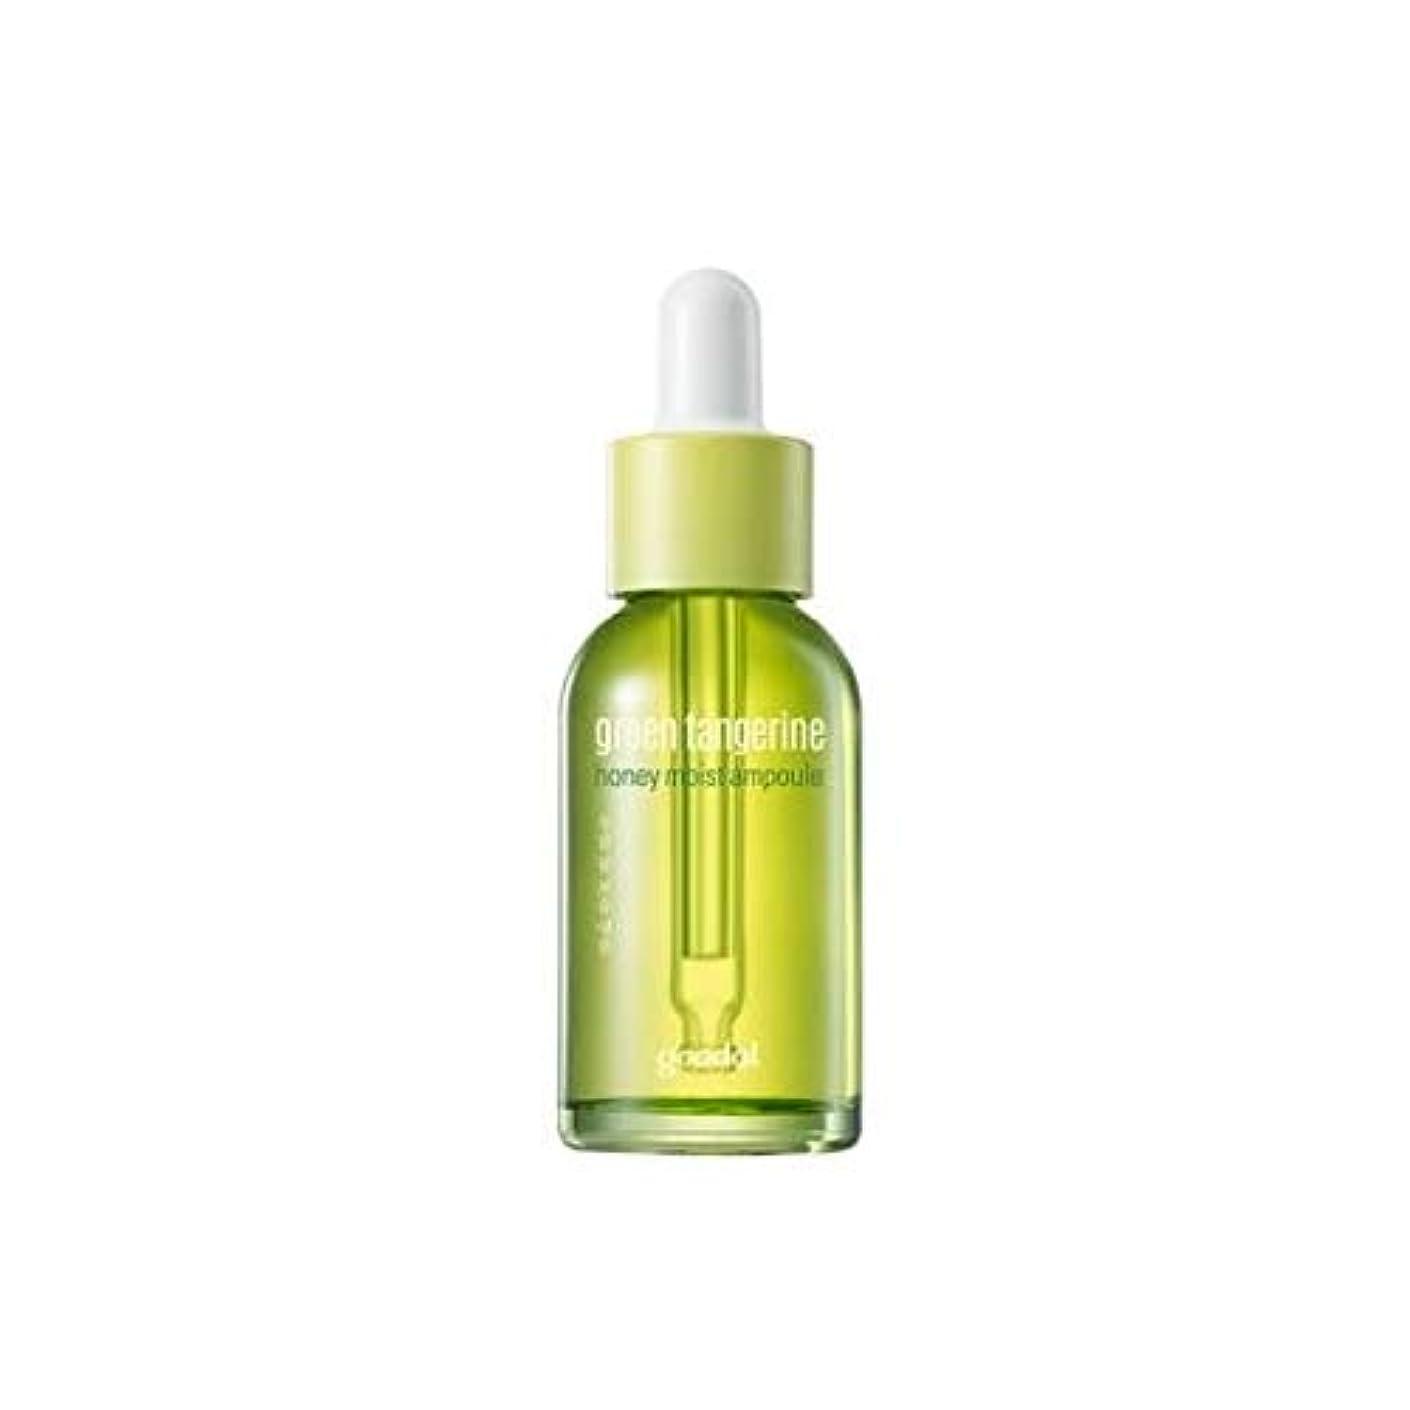 協会自転車細部Goodal Green Tangerine Honey Moist Ampule グーダル チョンギュル(青みかん) ハニー モイスト アンプル 30ml [並行輸入品]